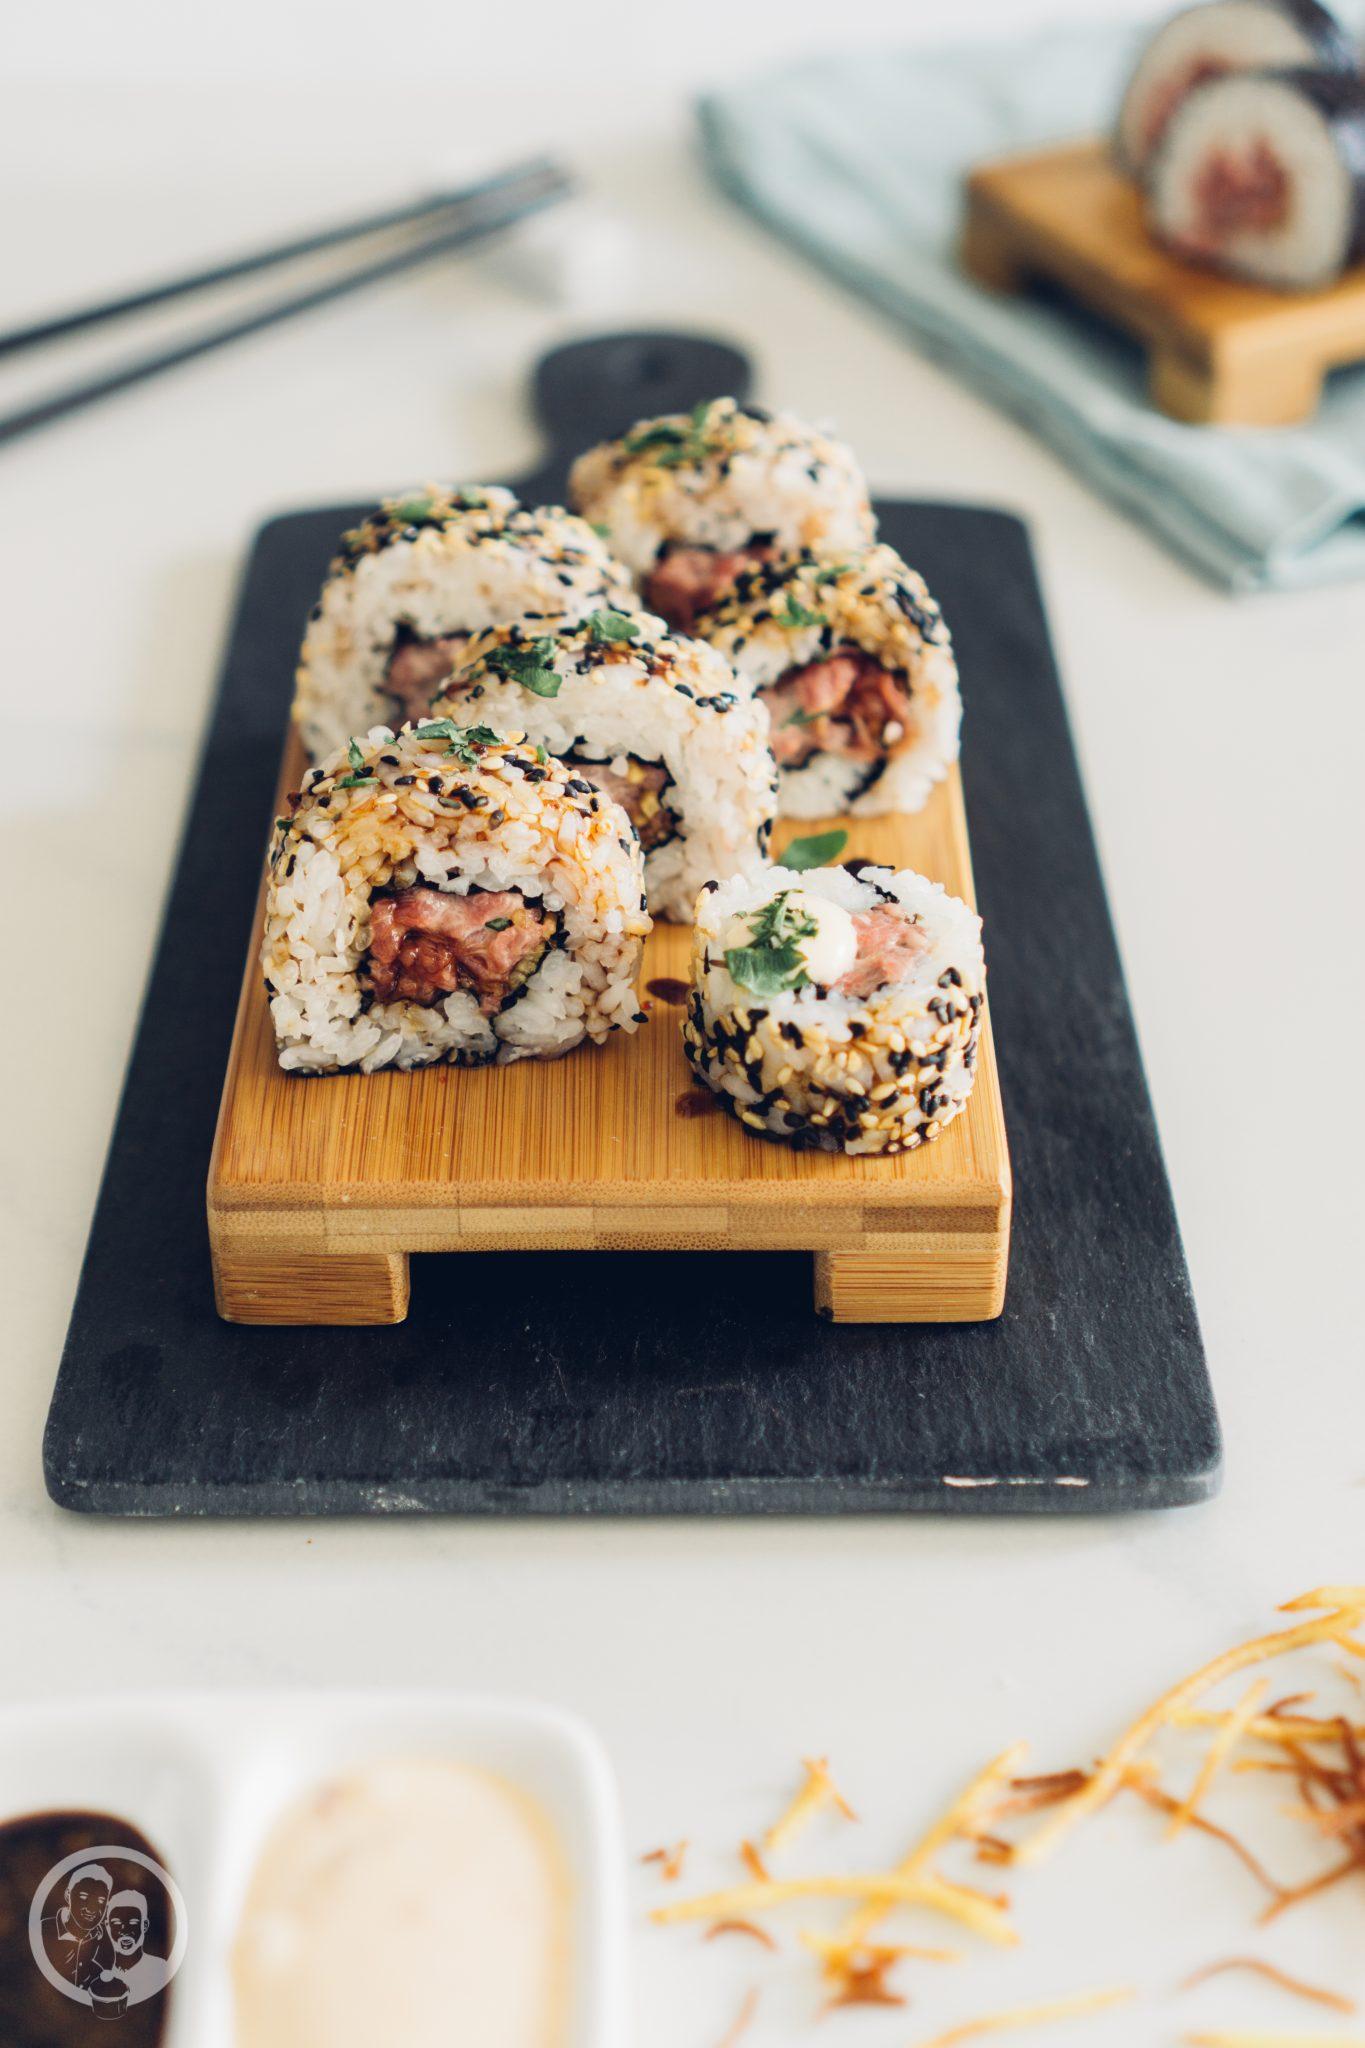 Sushi 5   Heute möchten wir euch von einem Foodie-Tag der Extraklasse durch Marburg berichten, dass ist nämlich schon lange überfällig. Die Vila Vita Marburghat gemeinsam mit Cat von Schlemmerkatze zum Schlemmertag gerufen und da sagen wir definitiv nicht nein zu.Die Vila Vita kennen wir ja schon seit der Landpartie im letzten Jahr und im Märzdurften wir den Genusstempel in seiner ganzen Vielfalt erleben. Zum Abschluss wurde dann auch noch gemeinsam gekocht und unseren Favorit von diesem Abend, stellen wir euch heute vor - Spicy Tartar Roll!